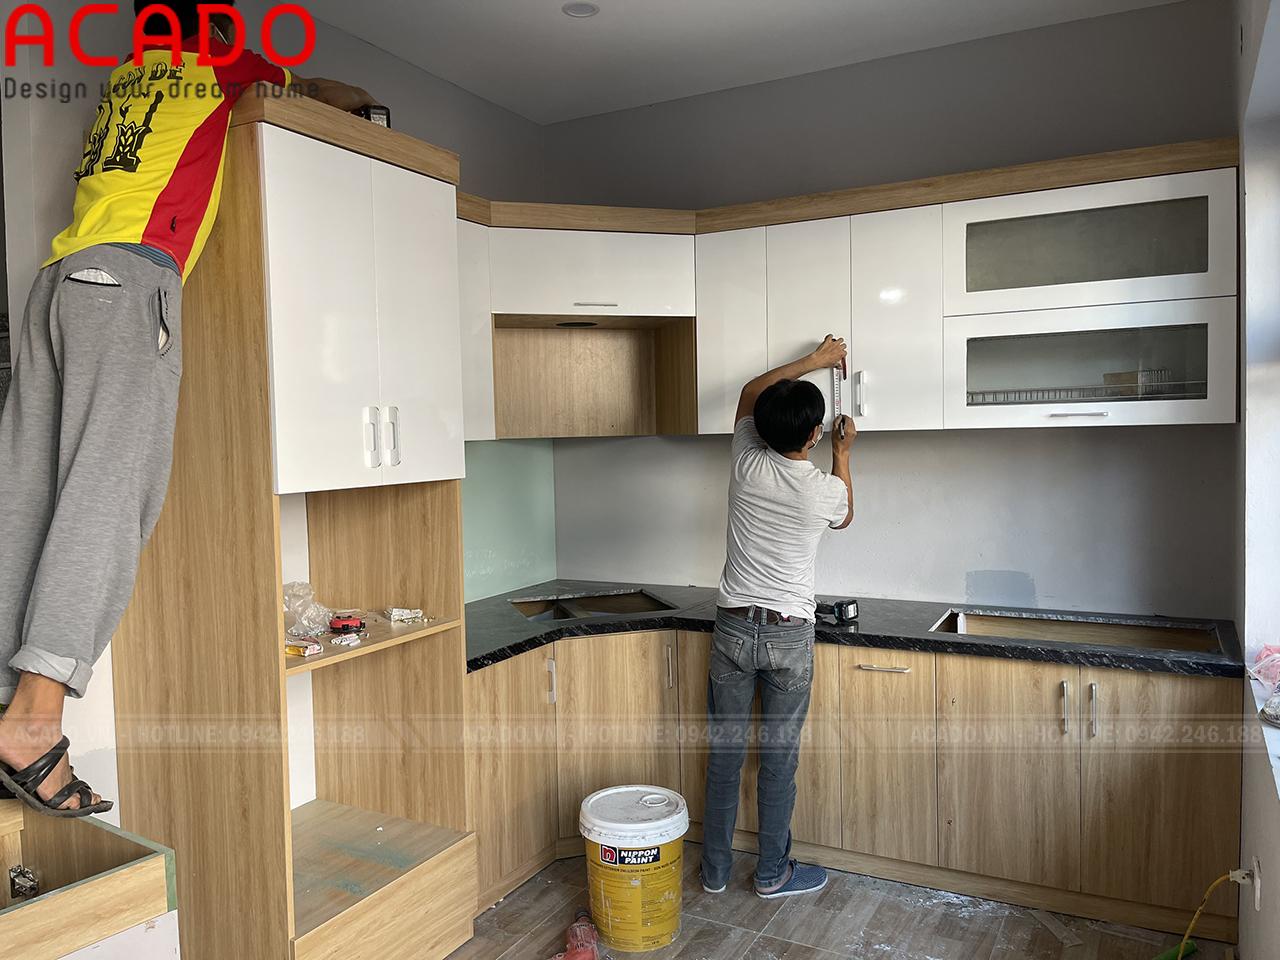 Tủ bếp trắng kết hợp vân gỗ, cách phối màu được rất nhiều khách hàng yêu thích